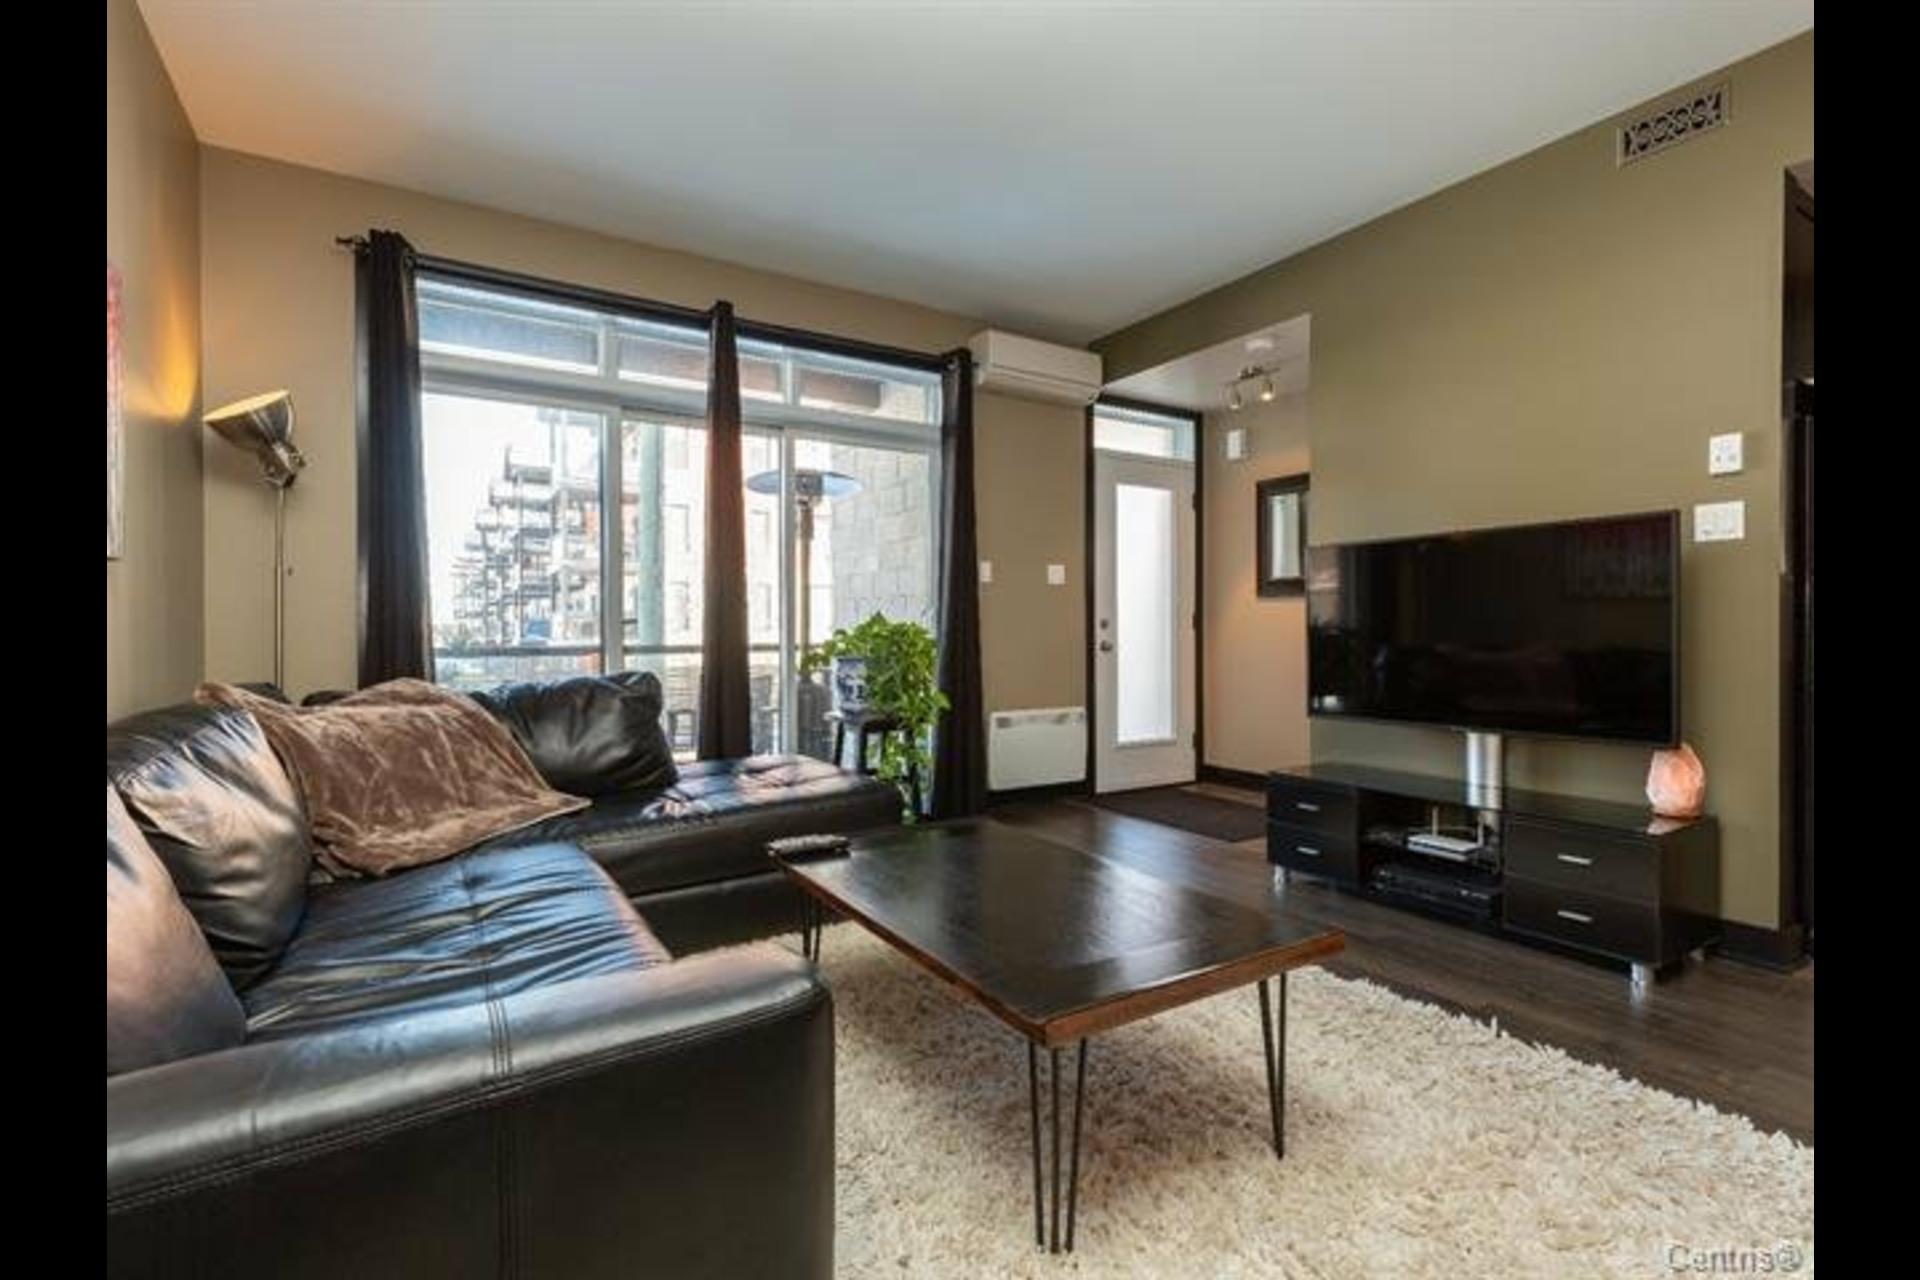 image 9 - Appartement À vendre Vaudreuil-Dorion - 6 pièces